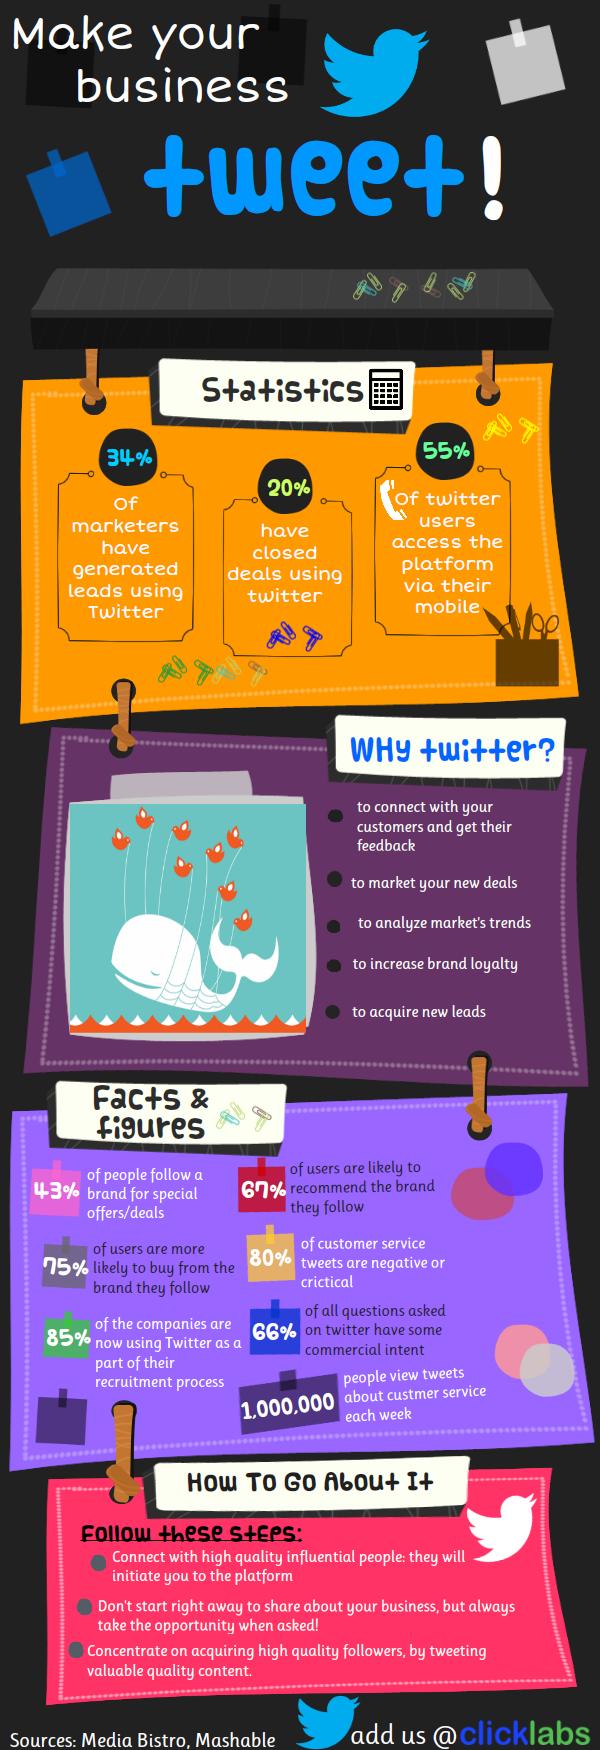 Haz de Twitter el camino a una empresa con éxito #infografia #infographic #socialmedia